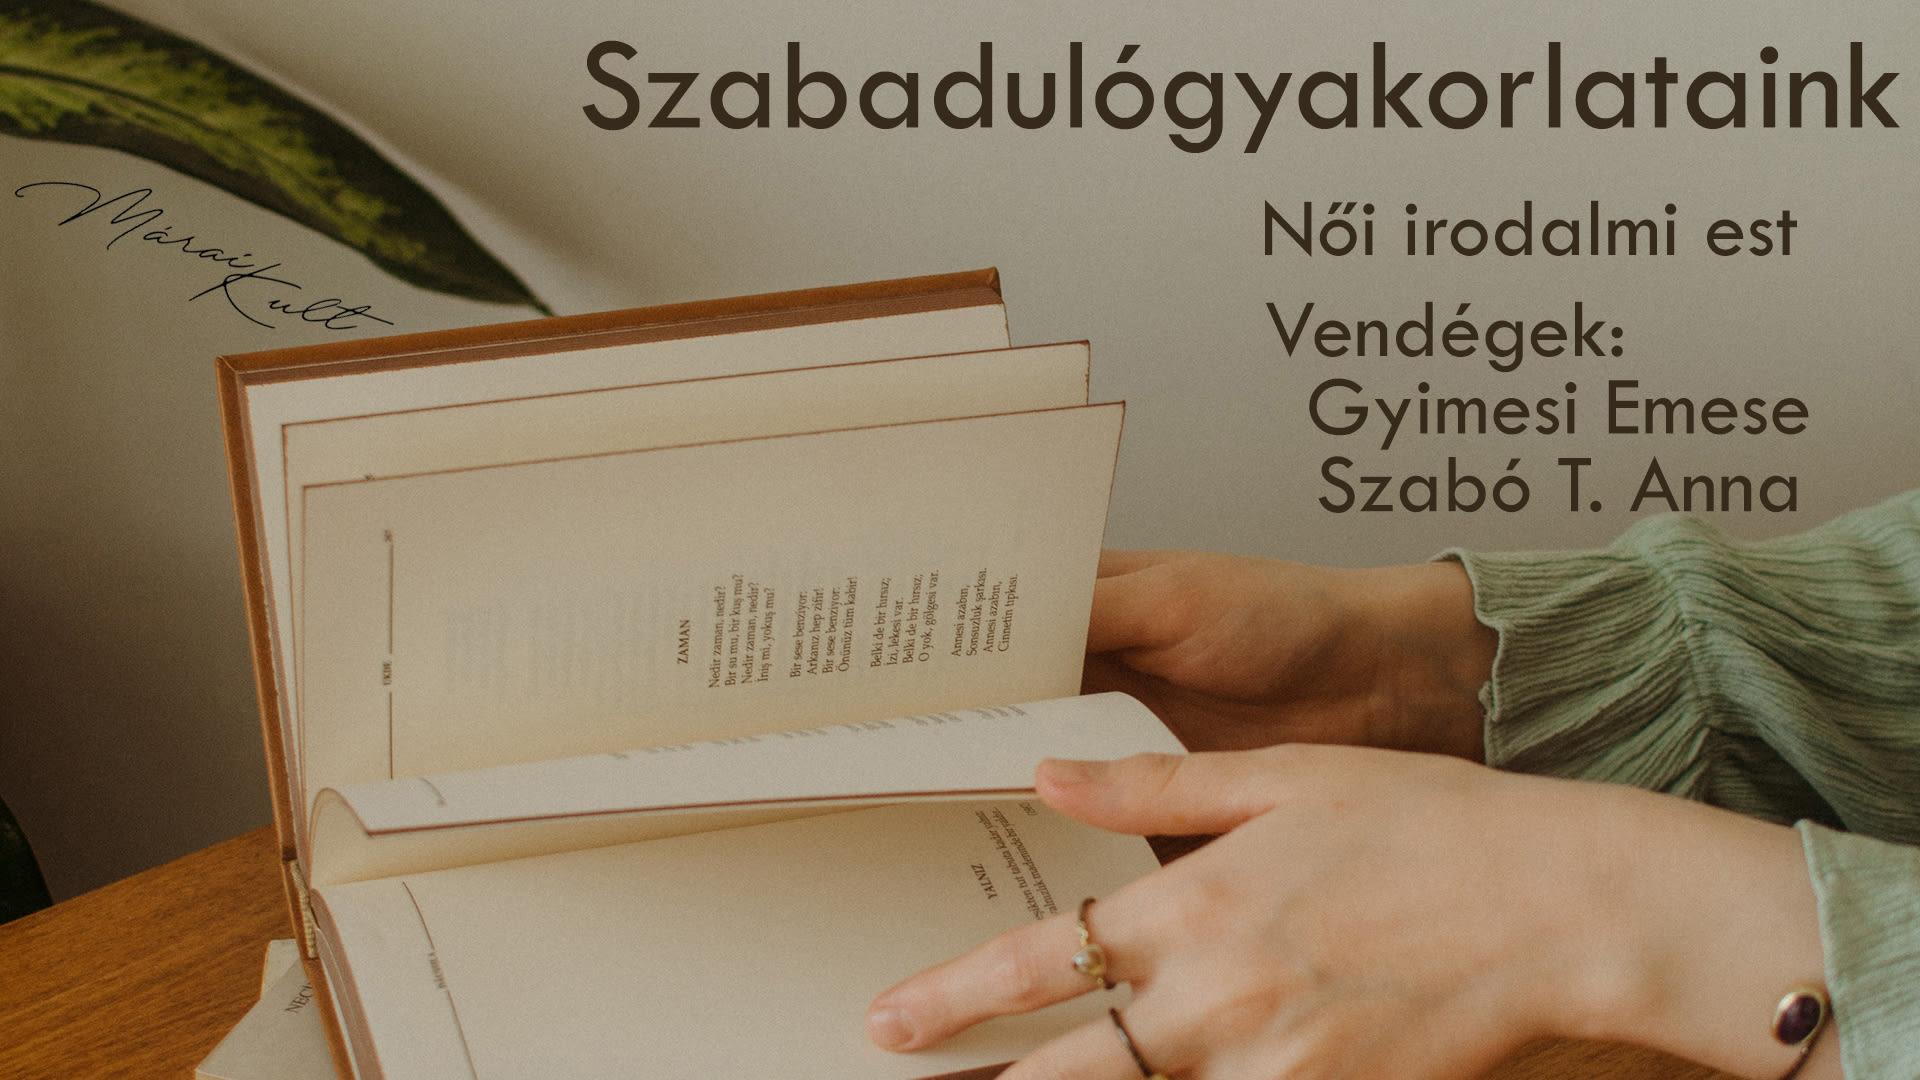 ZENE SZÓVAL - Szabadulógyakorlataink - Gyimesi Emese és Szabó T. Anna irodalmi estje